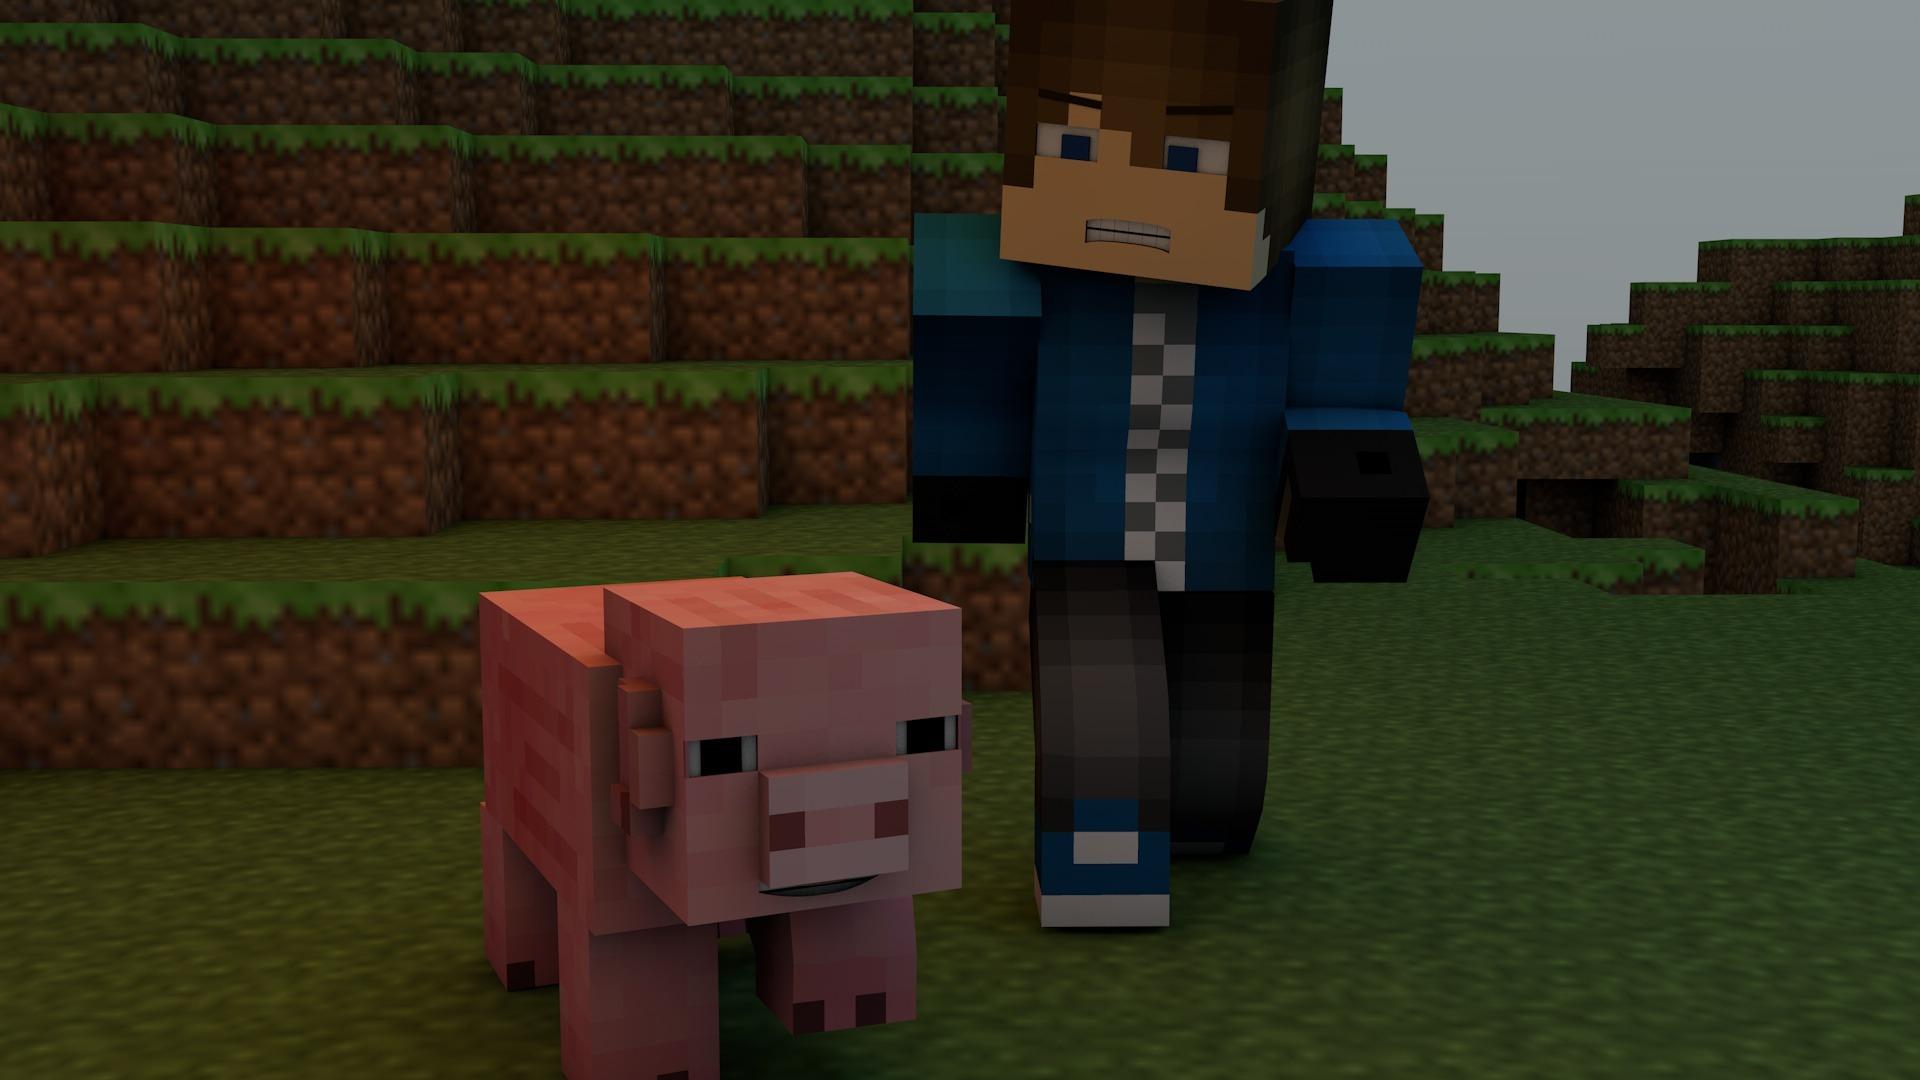 minecraft, video game, pig